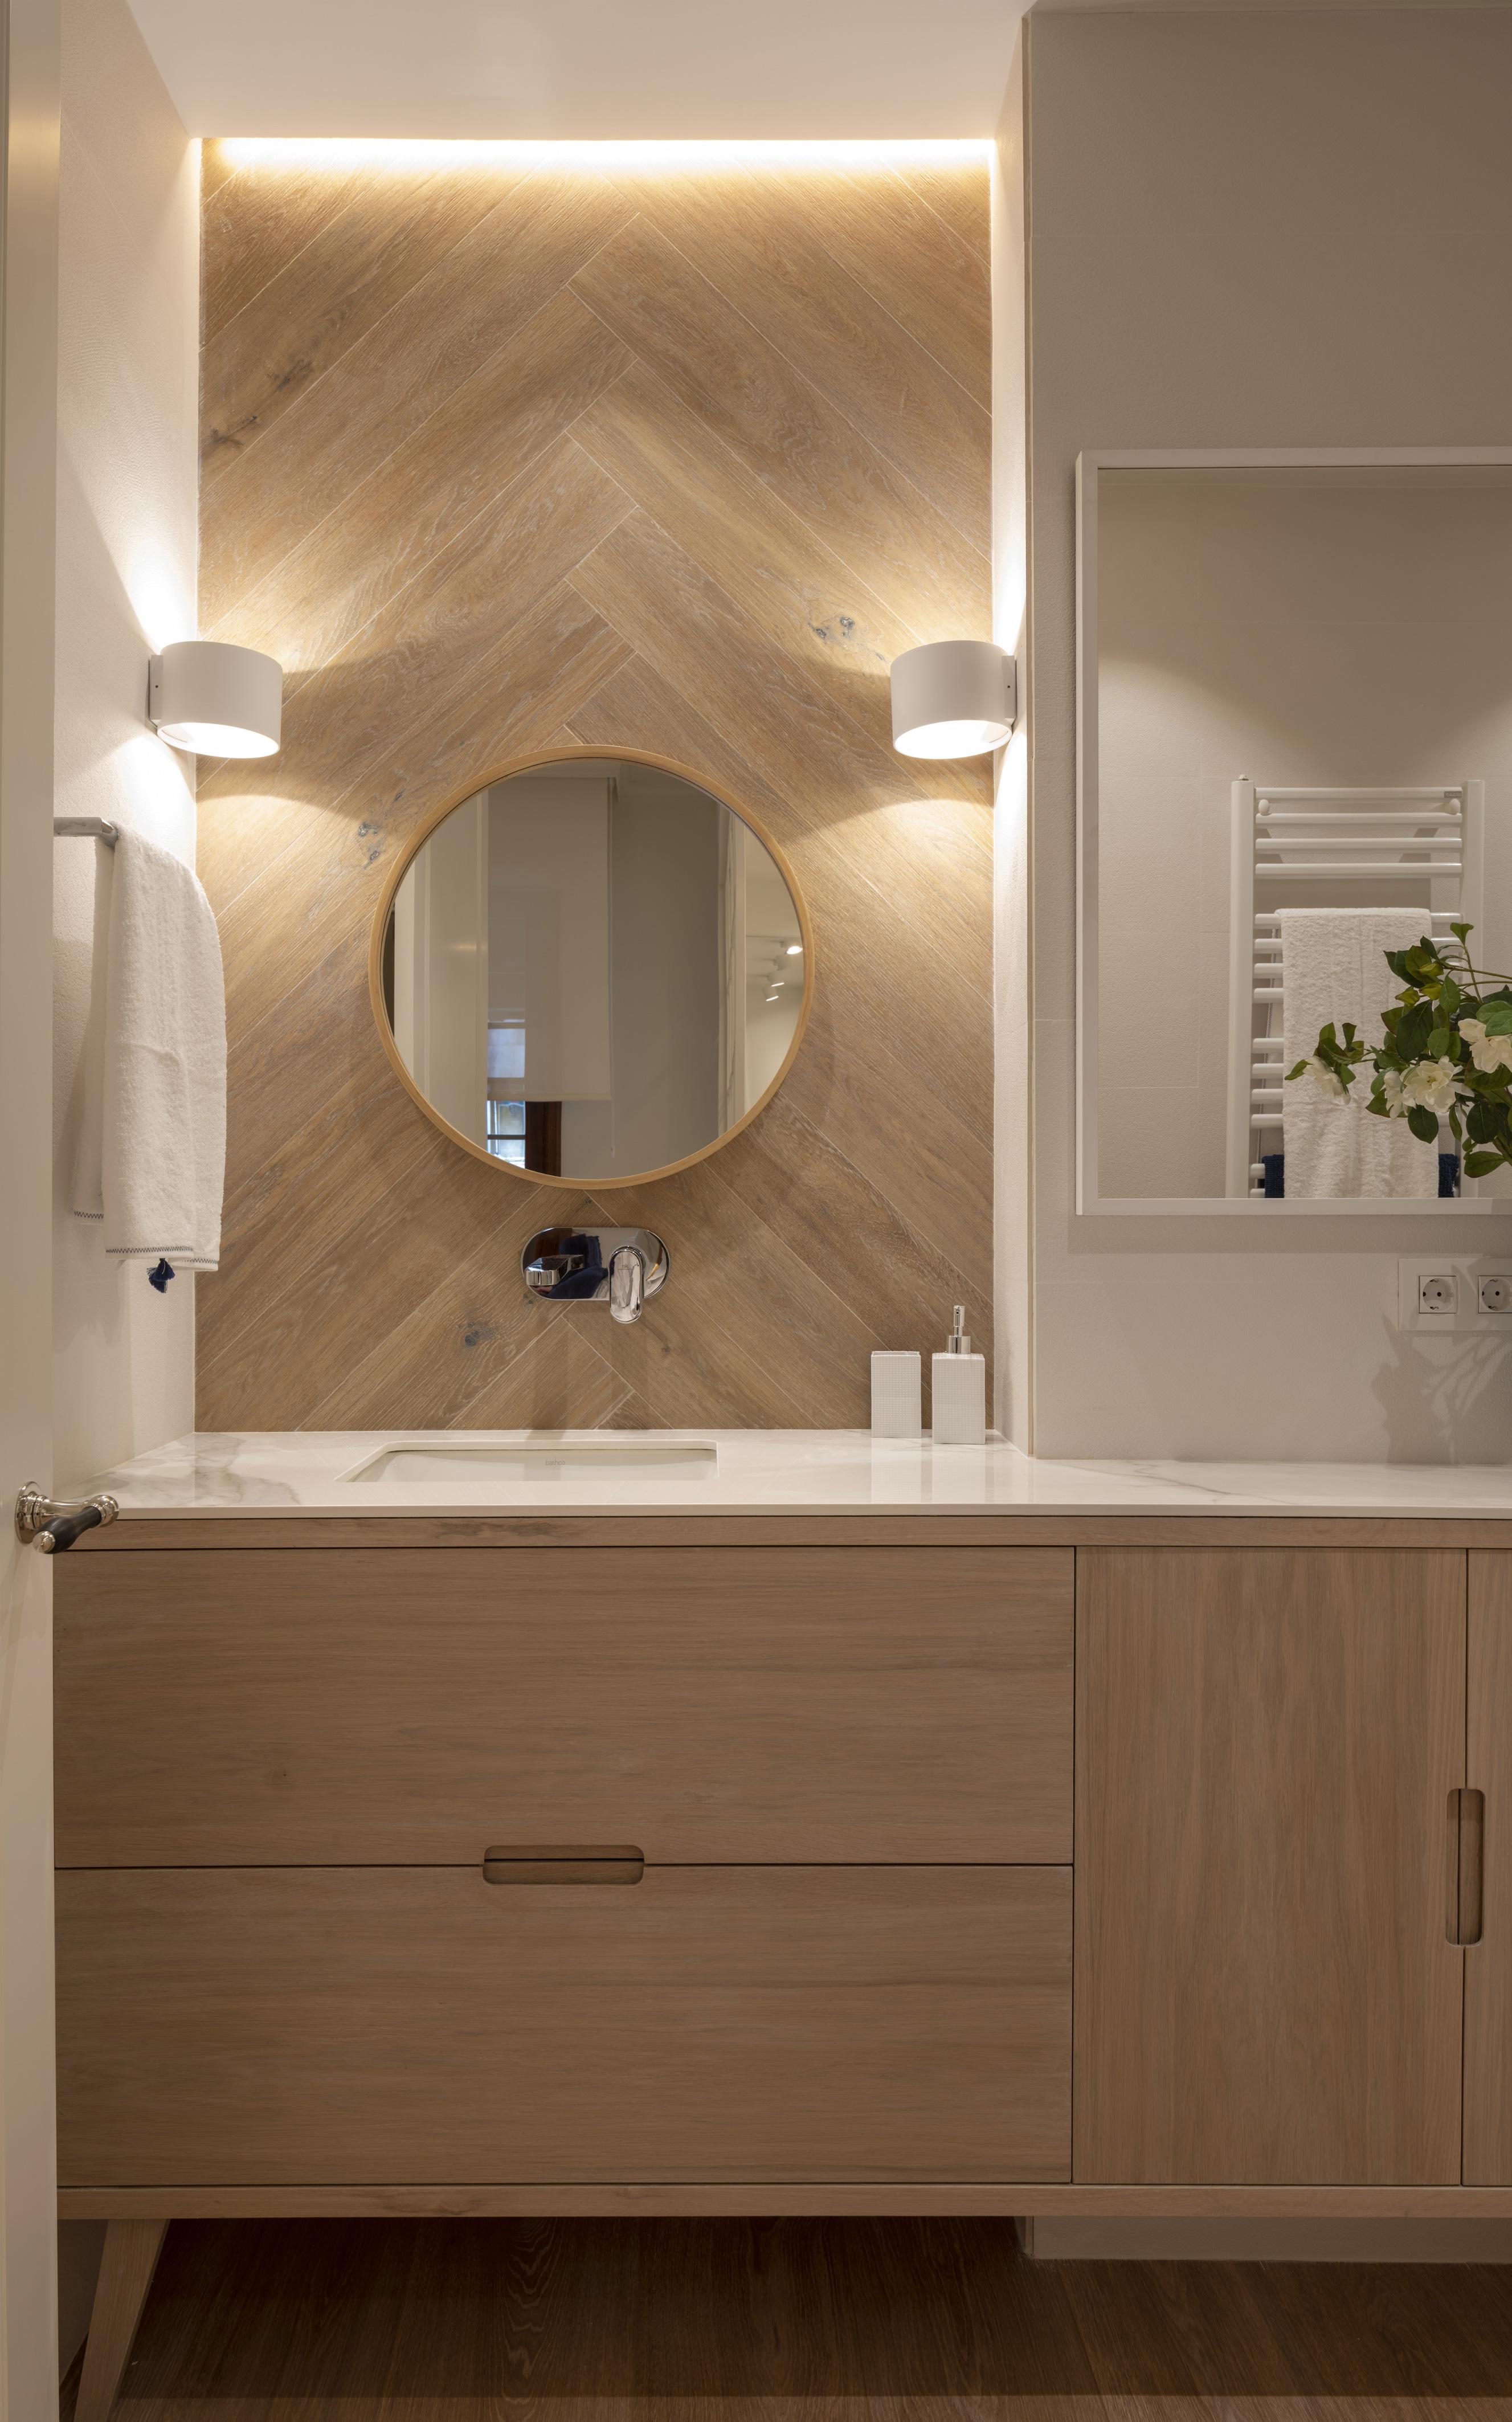 Diseño de cuarto de baño en reforma integral de vivienda, Sube Interiorismo